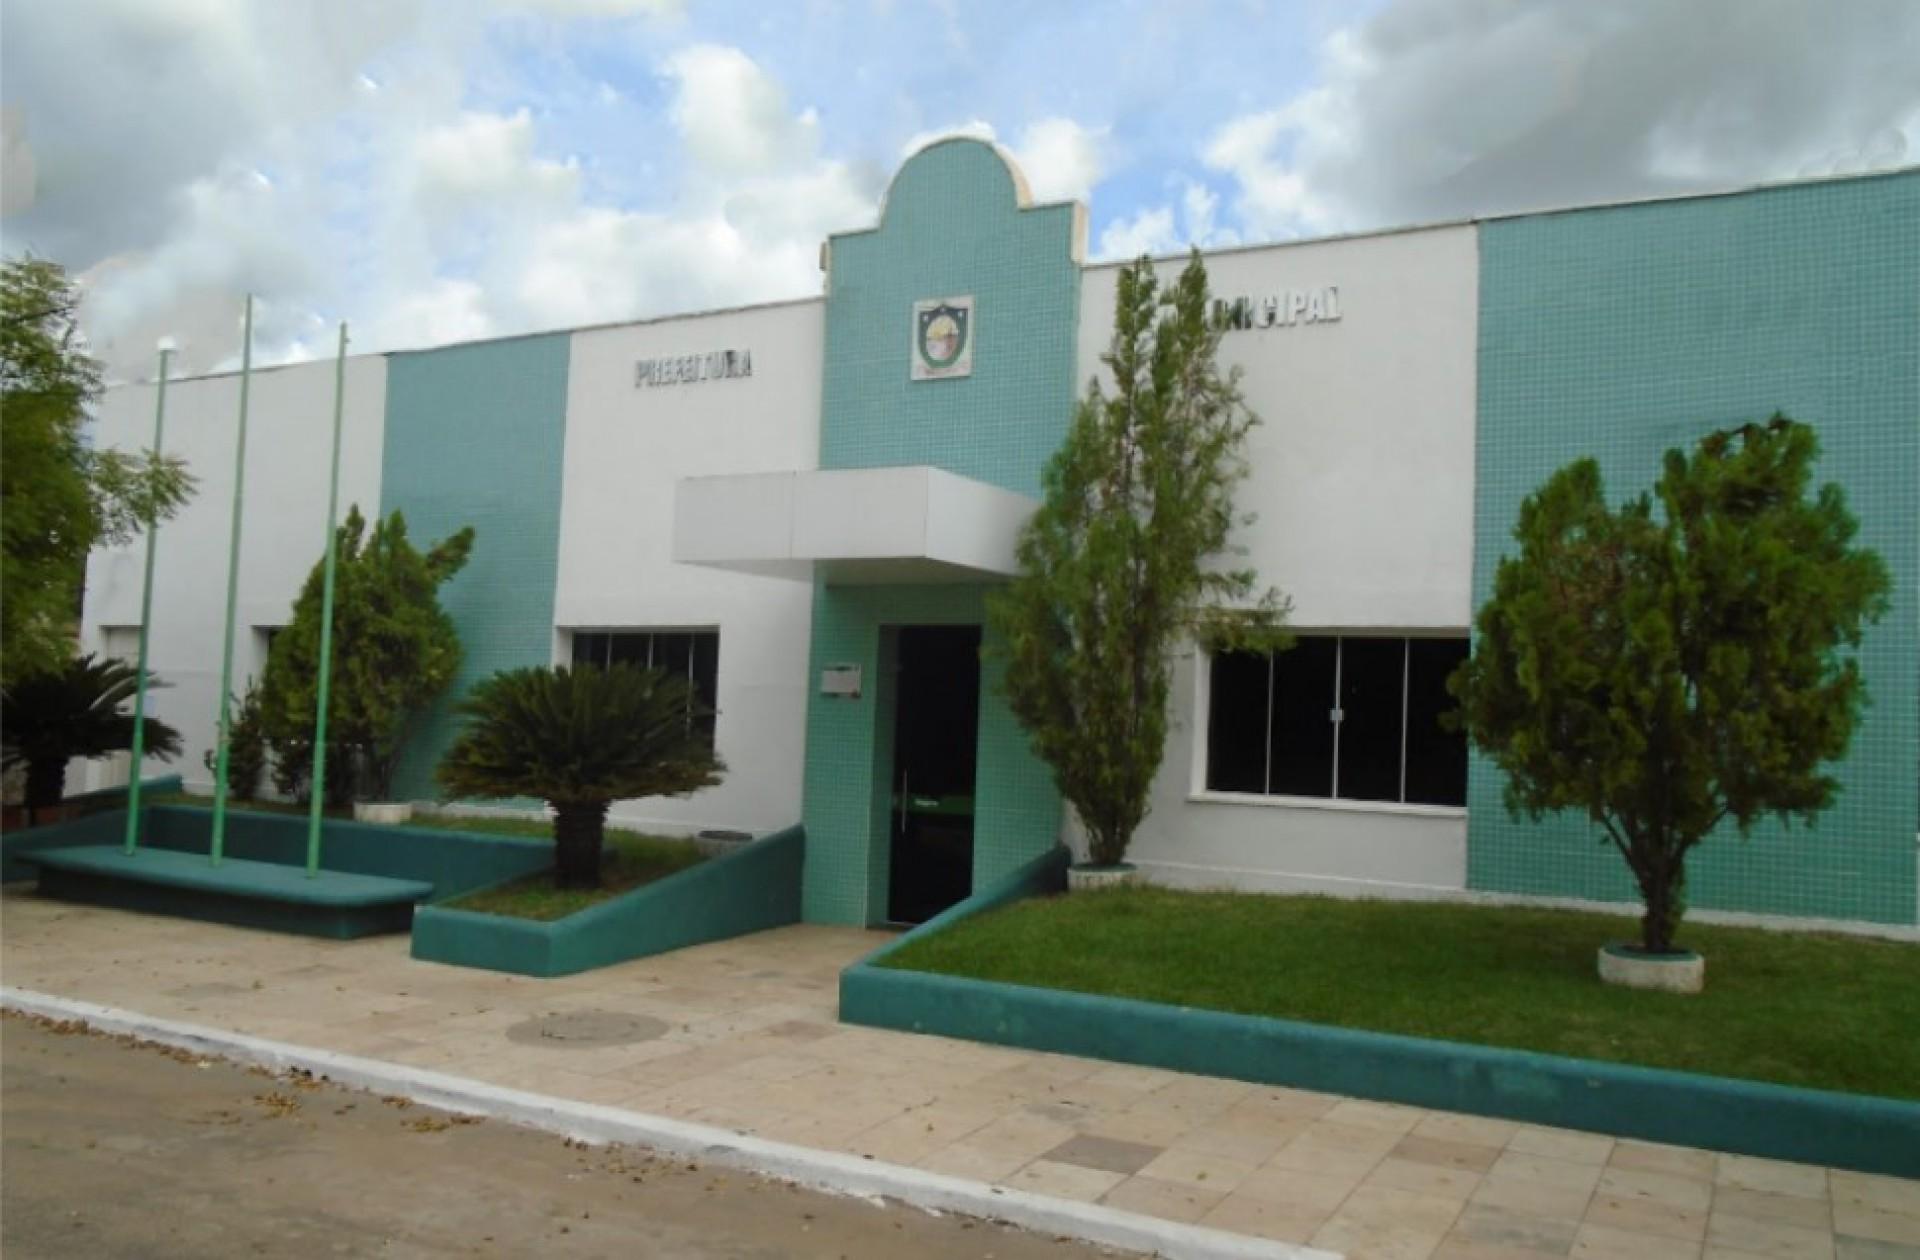 Prefeitura Municipal de Brejo Santo. (Foto: Reprodução/Google Street View)